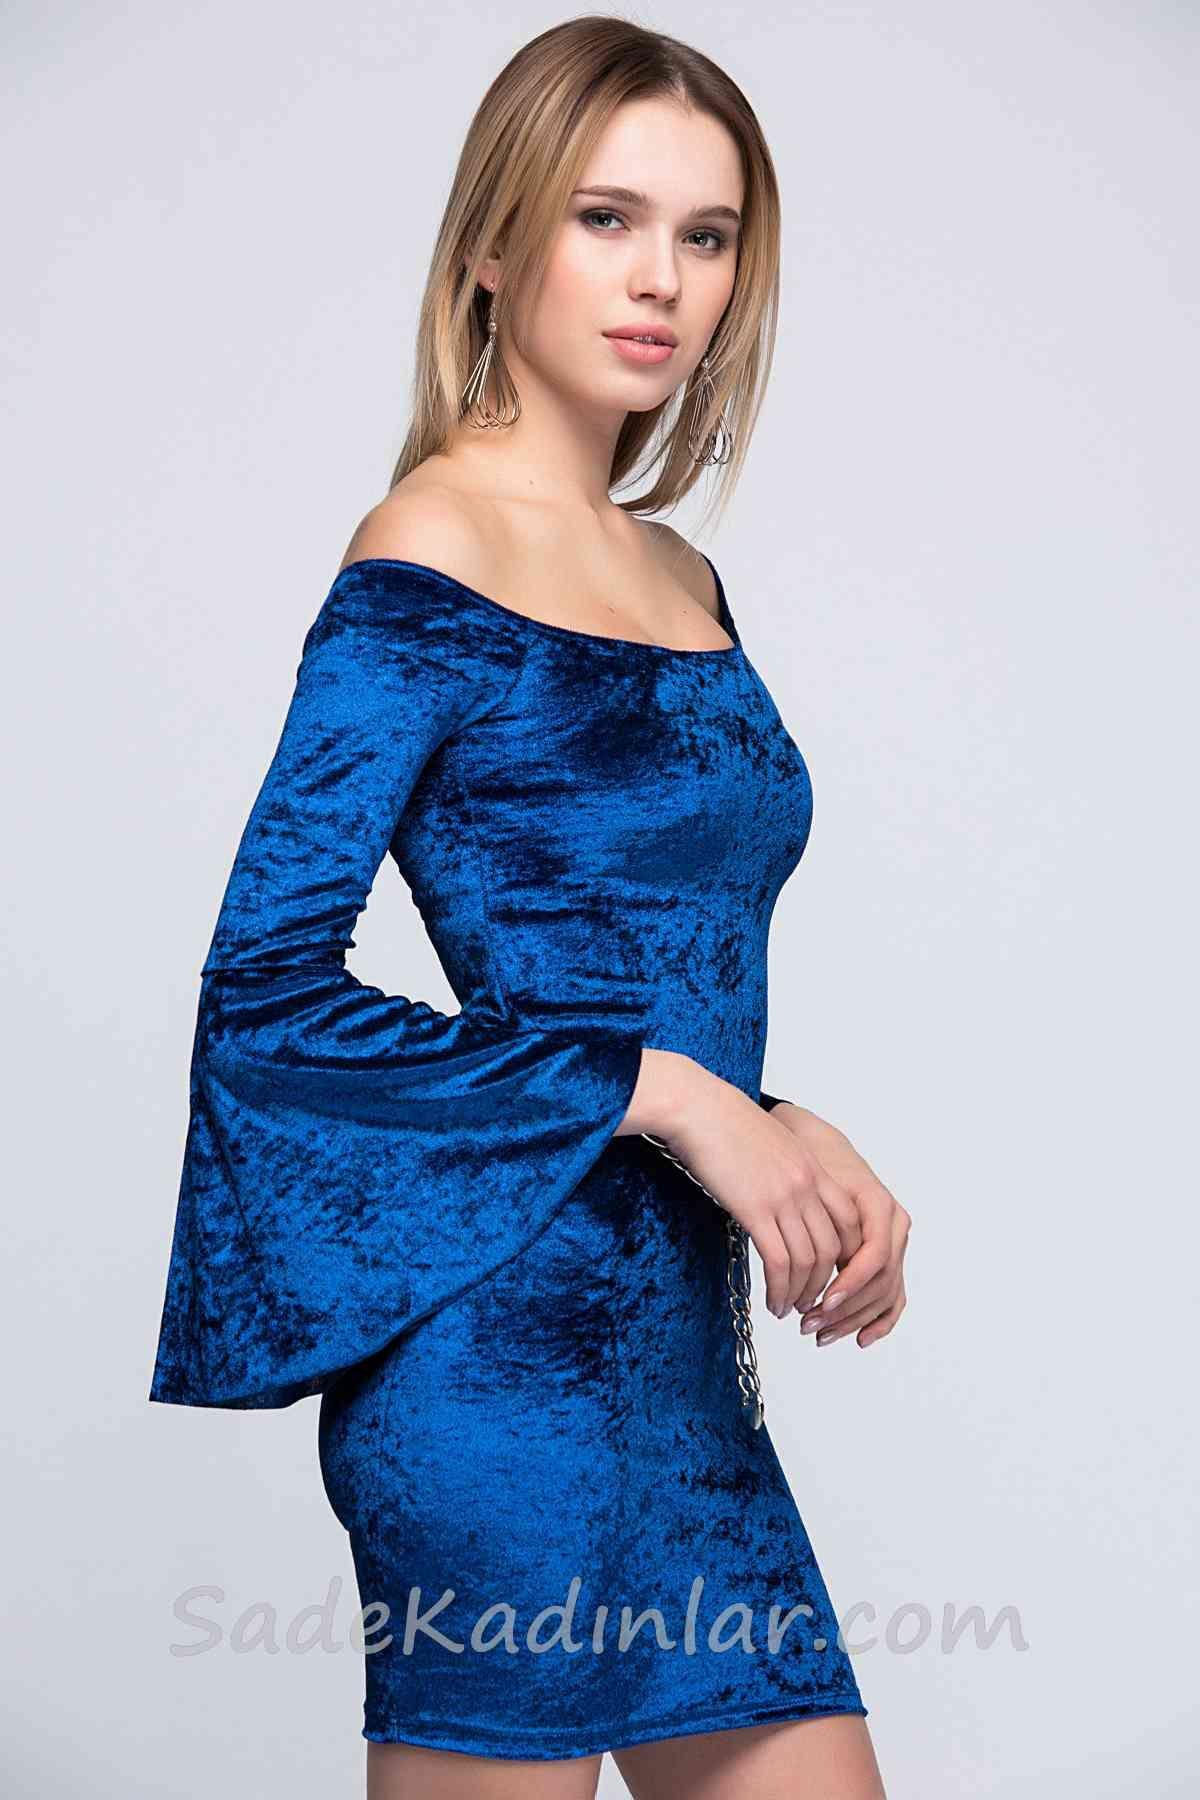 40c067ba3cfeb Abiye Saks Mavi Kadife Elbise Kısa Omuzları Açık Kolları İspanyol in ...